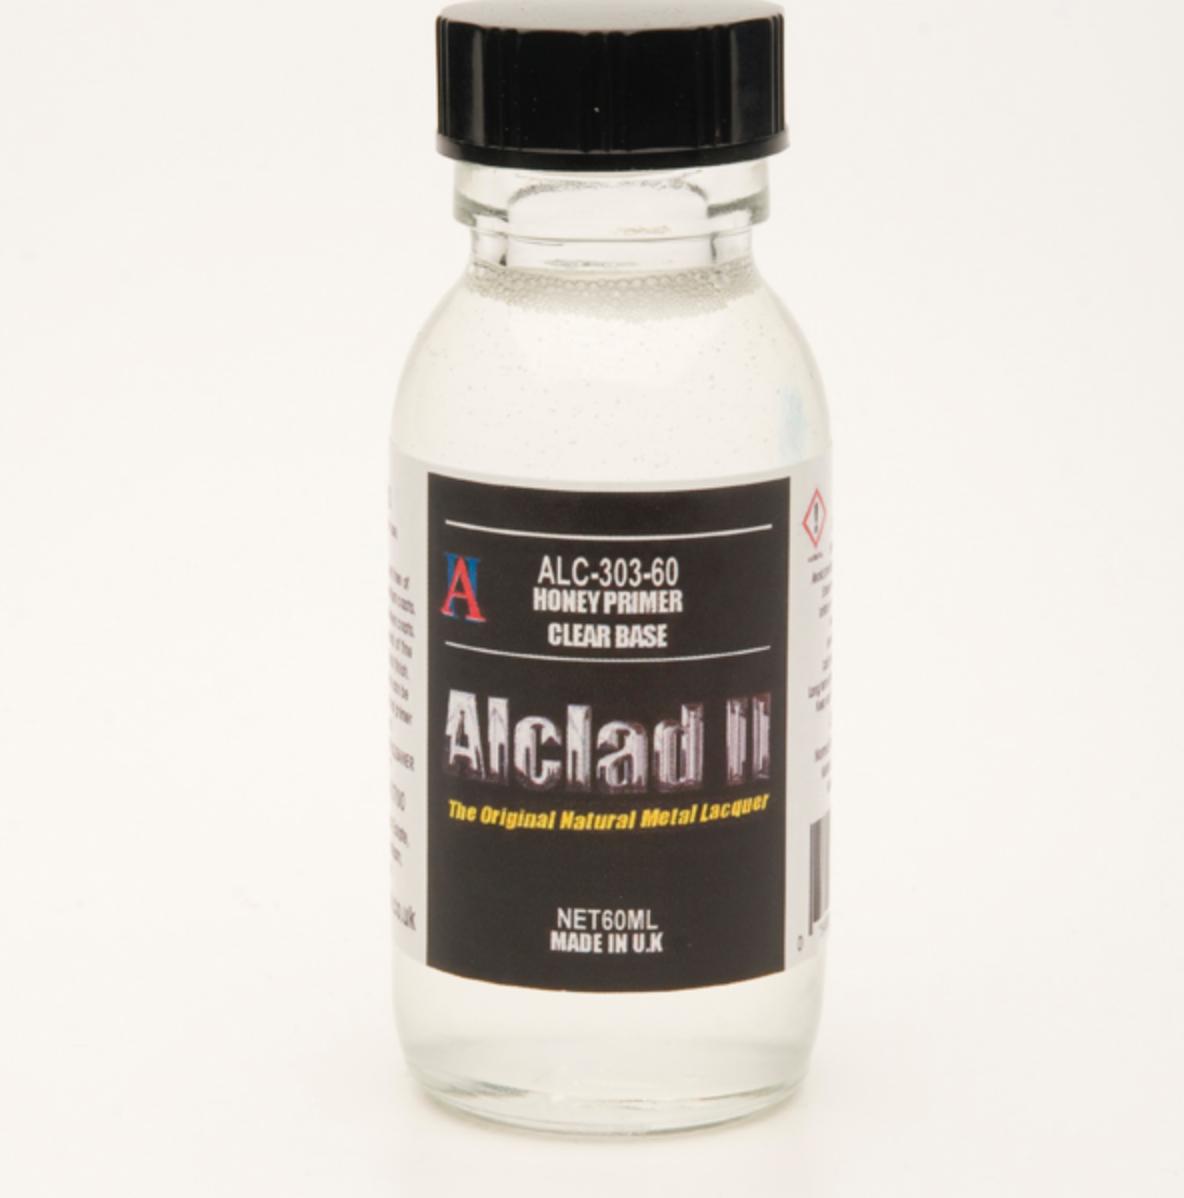 ALC303-60